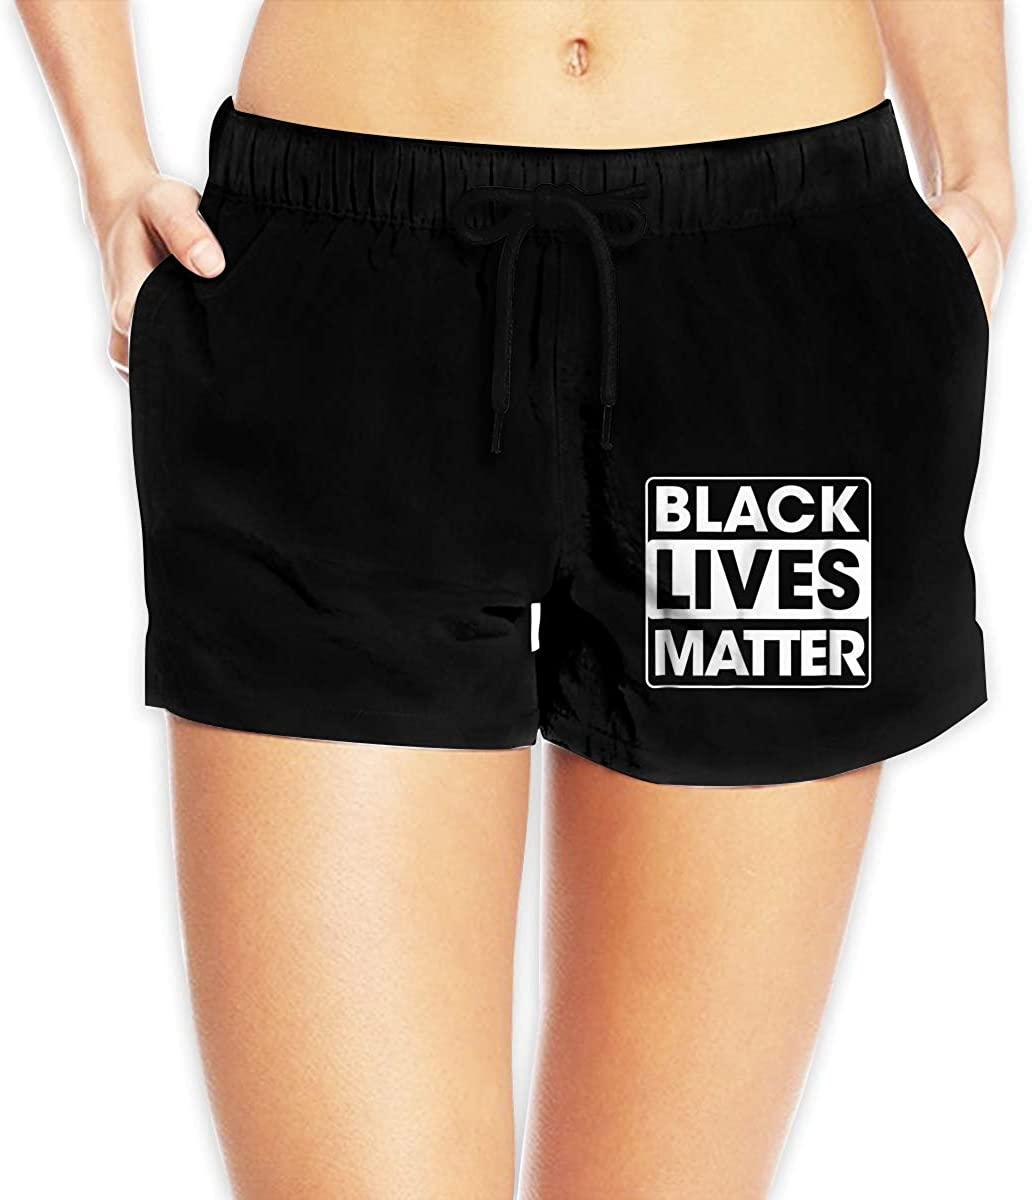 Women Sexy Hot Pants Summer Casual Shorts Black Lives Matter Short Beach Trousers